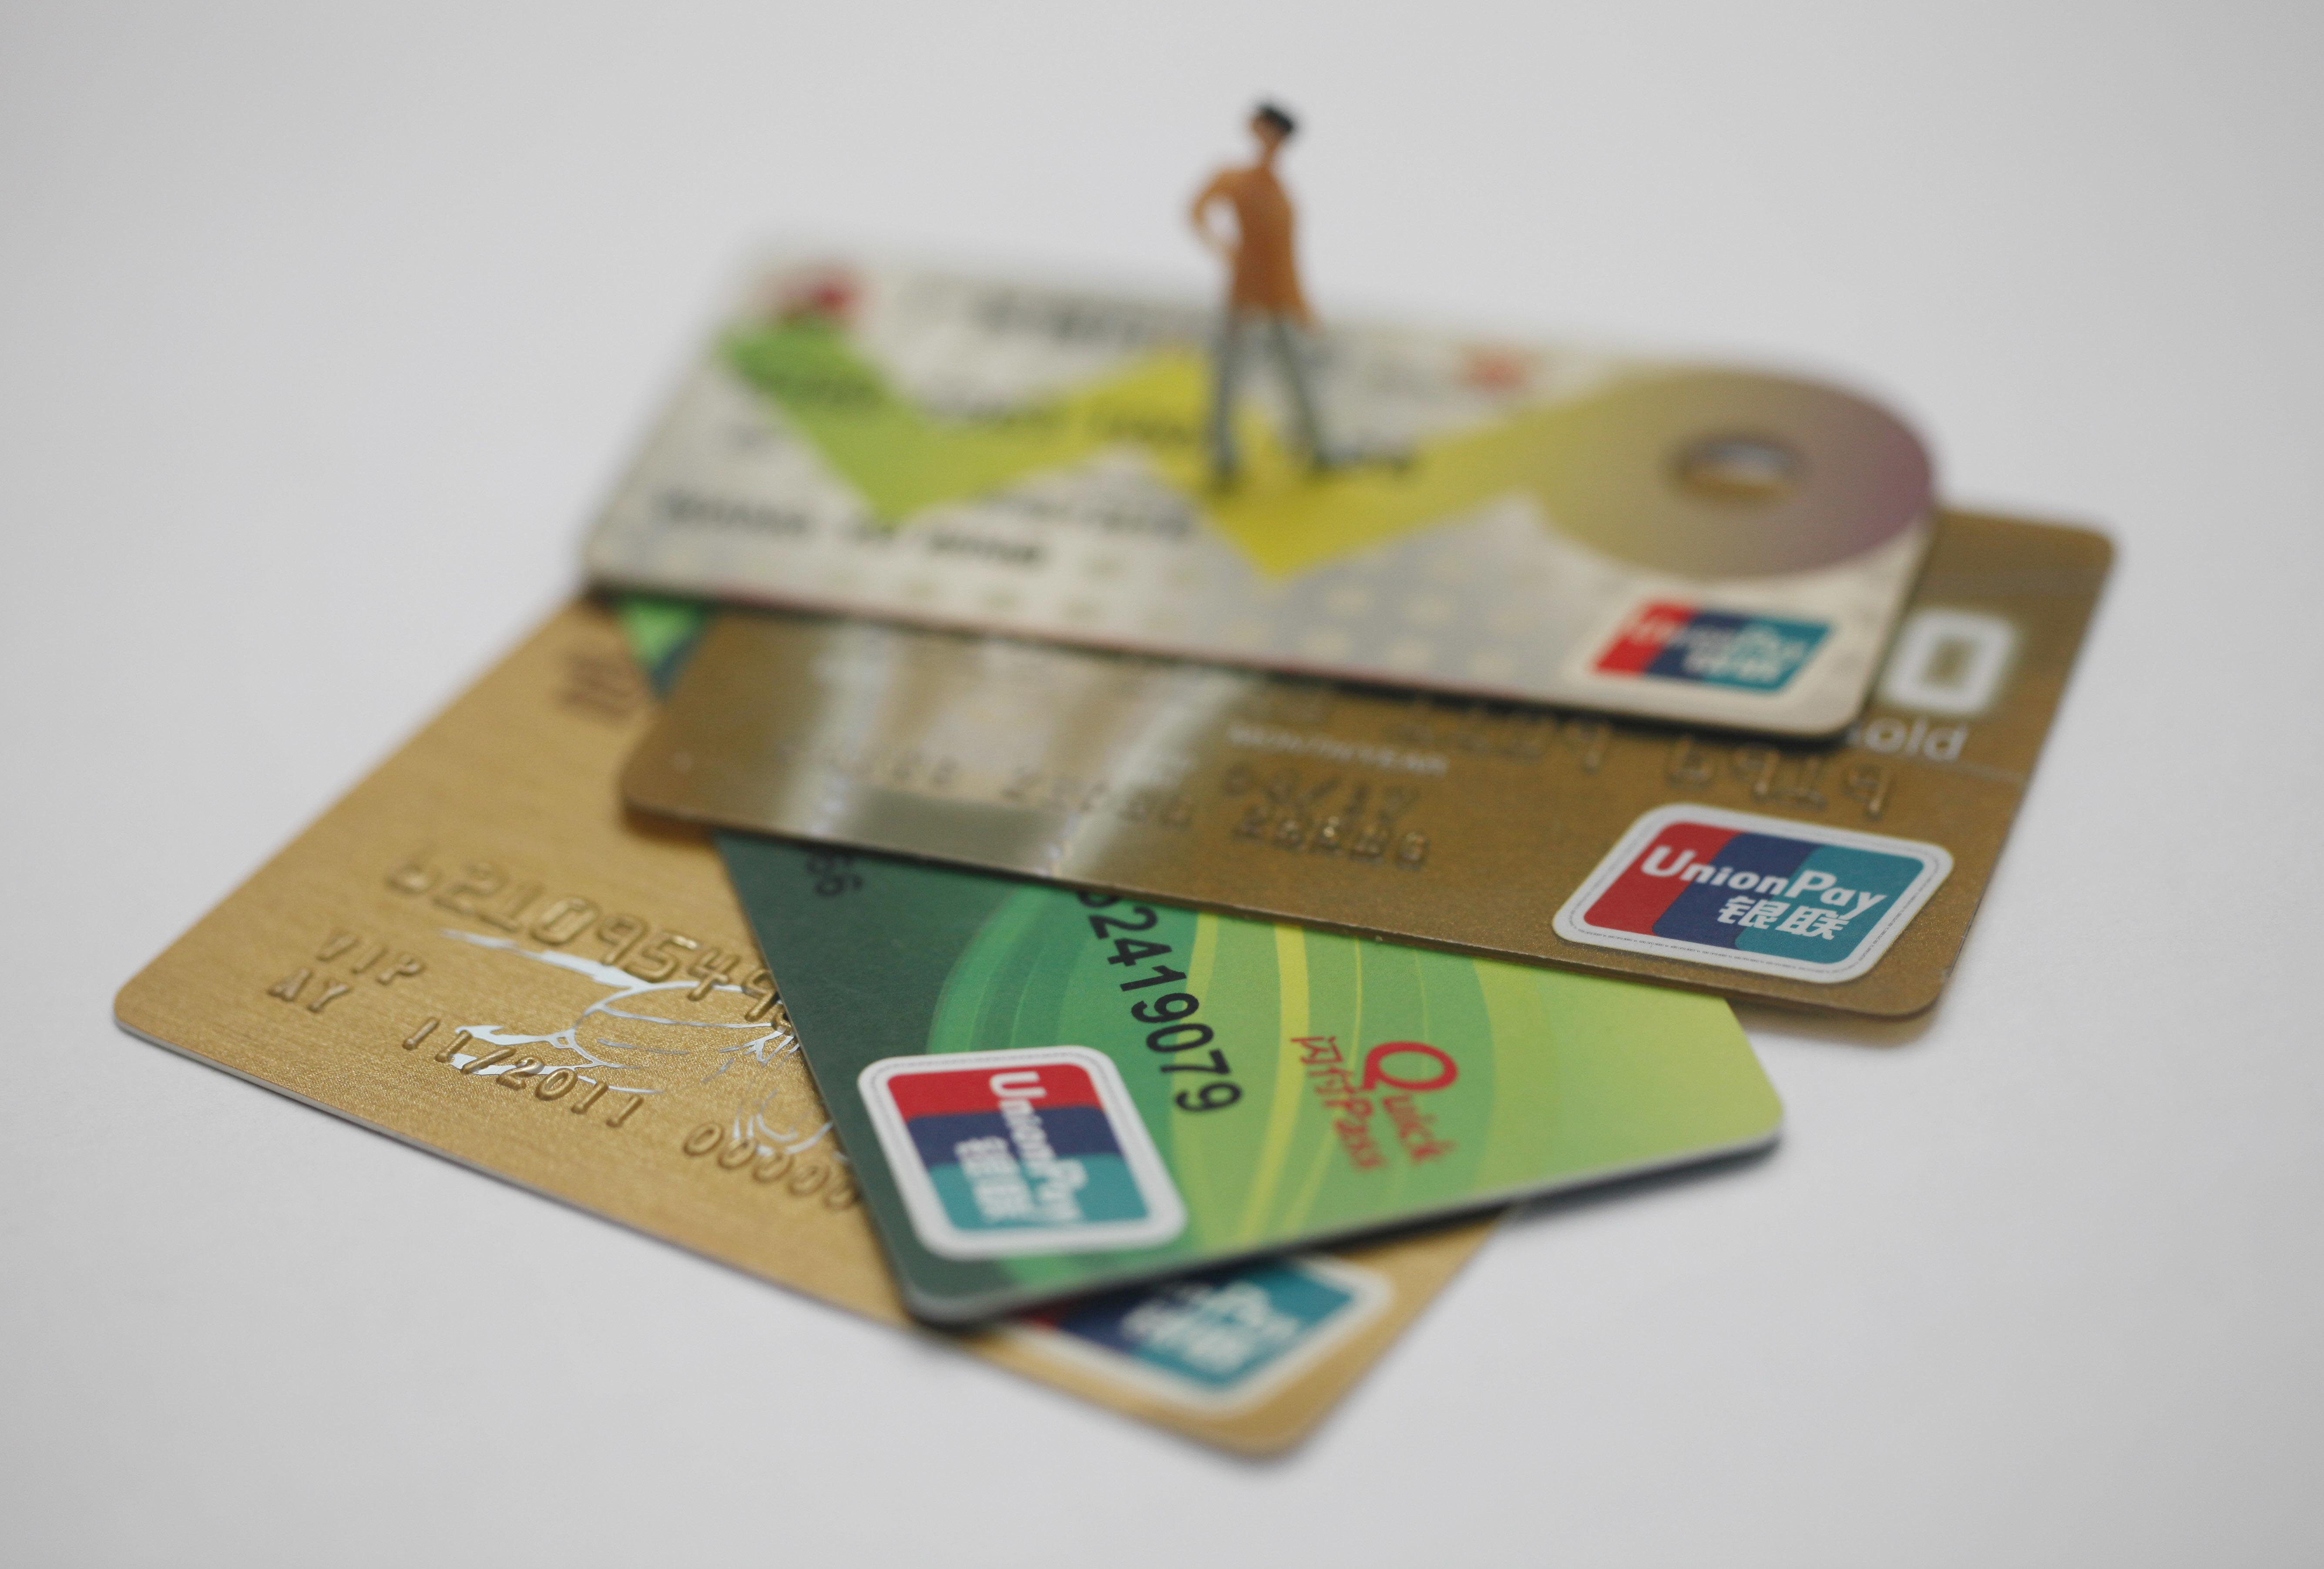 退休后,申下24.5w额度信用卡,记录实操过程!